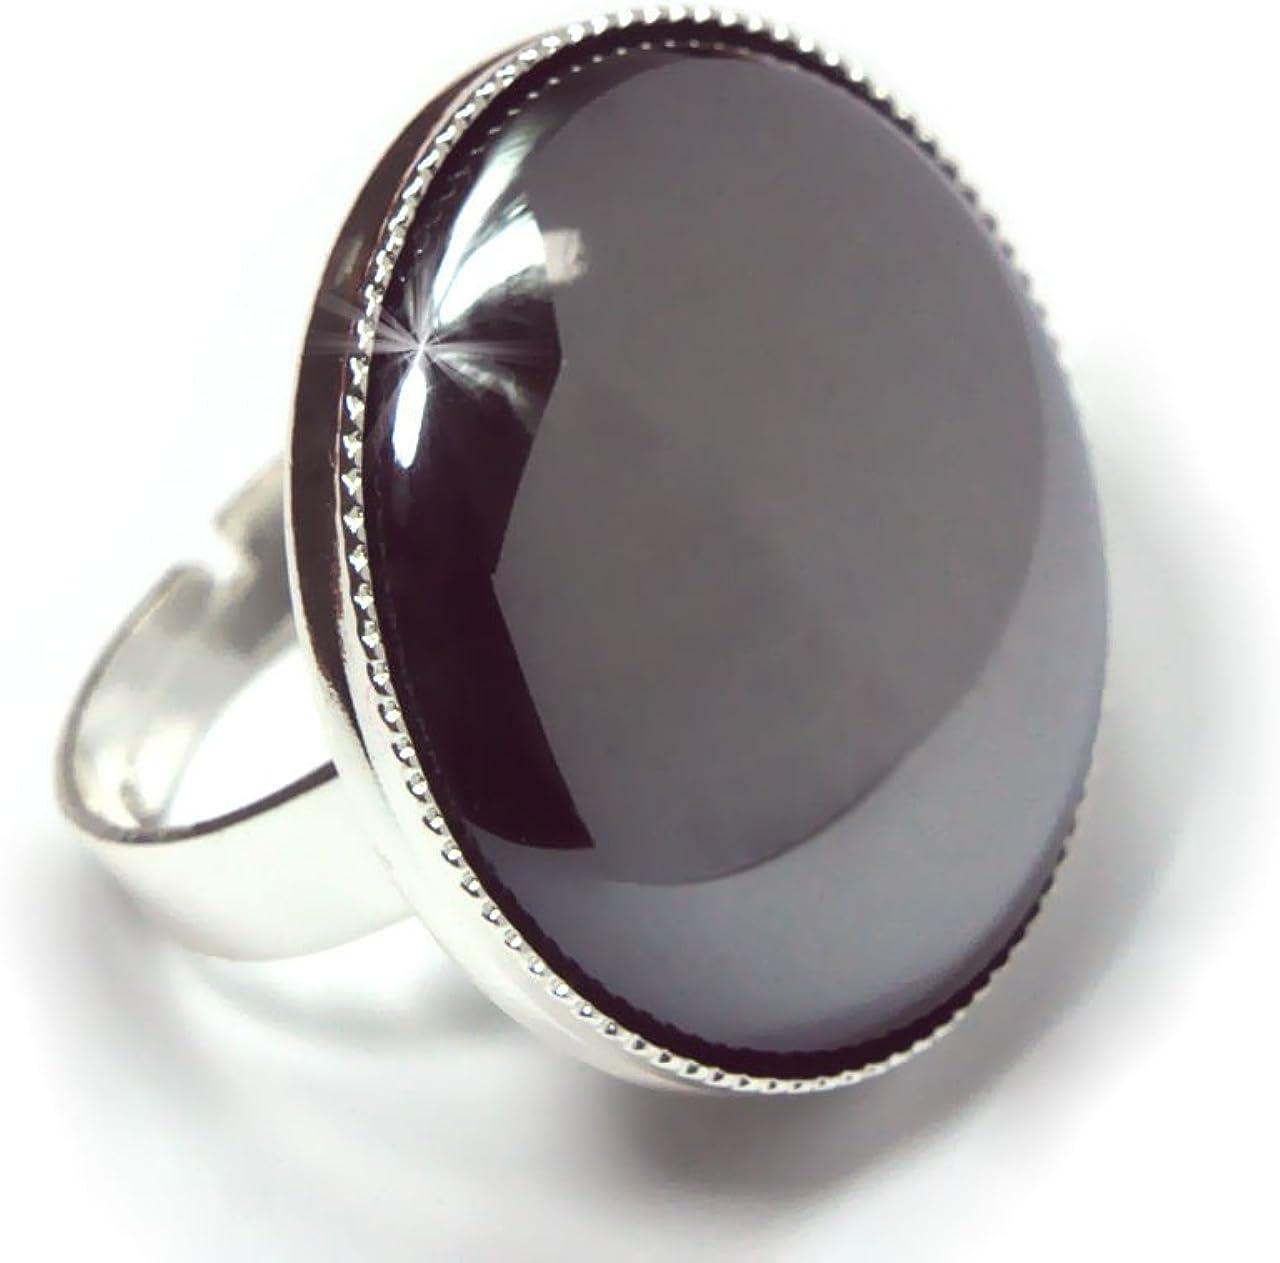 Plata 925 Chapado en Anillo Clásico Universal Ajustable Tamaño 25mm Hematita Ronda de Cristal checo de Piedra hechos a Mano BohemStyle